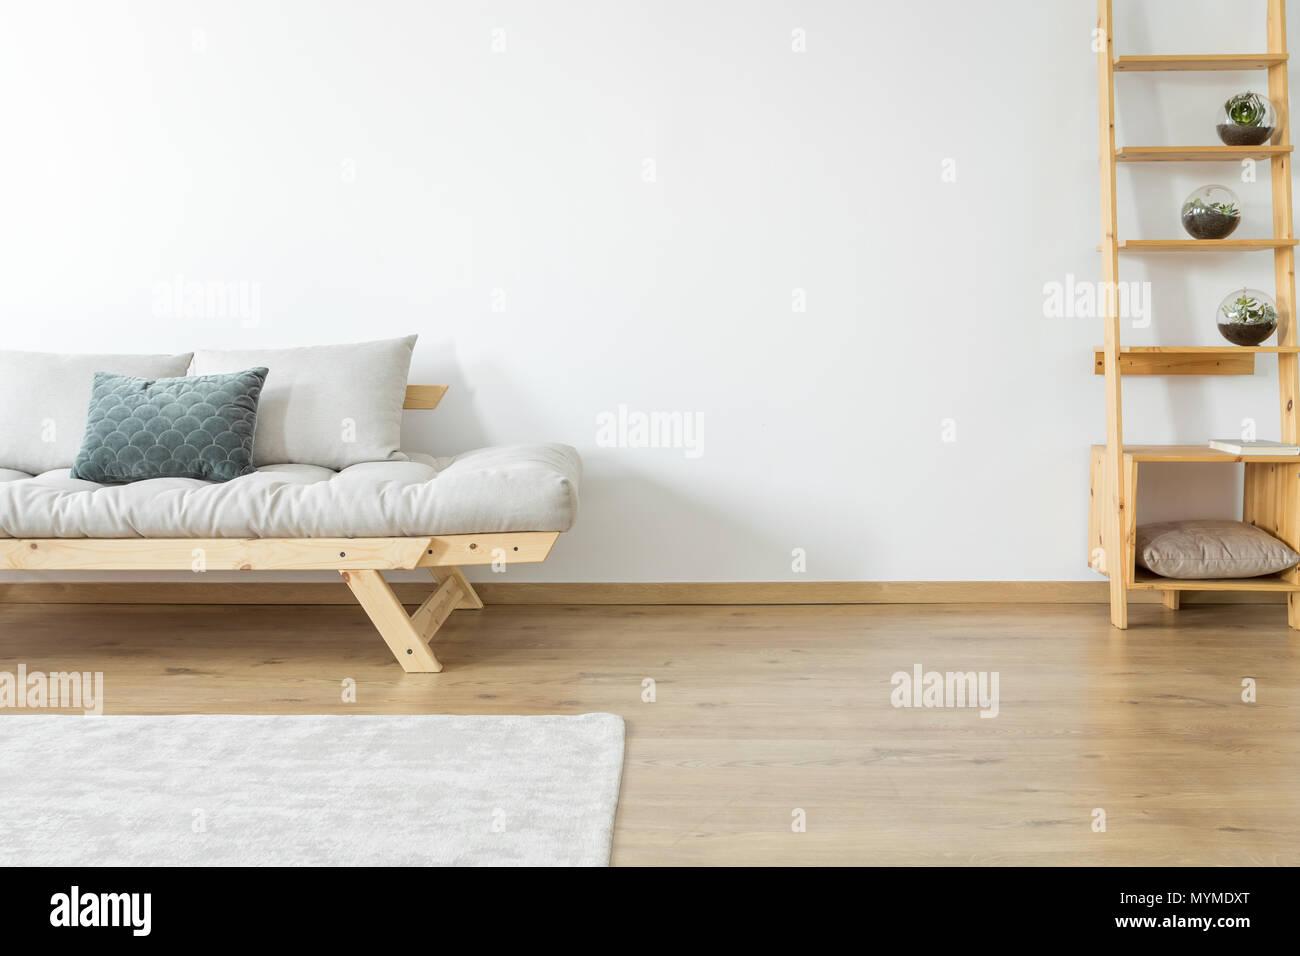 Kopieren Raum Der Weissen Wand Und Teppich Auf Dem Boden In Beige